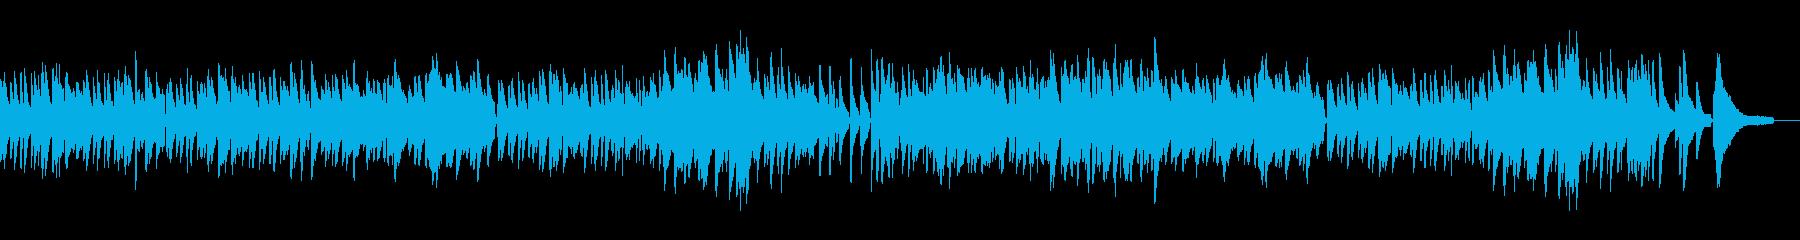 ピアノソロで軽やかエレガントなワルツの再生済みの波形